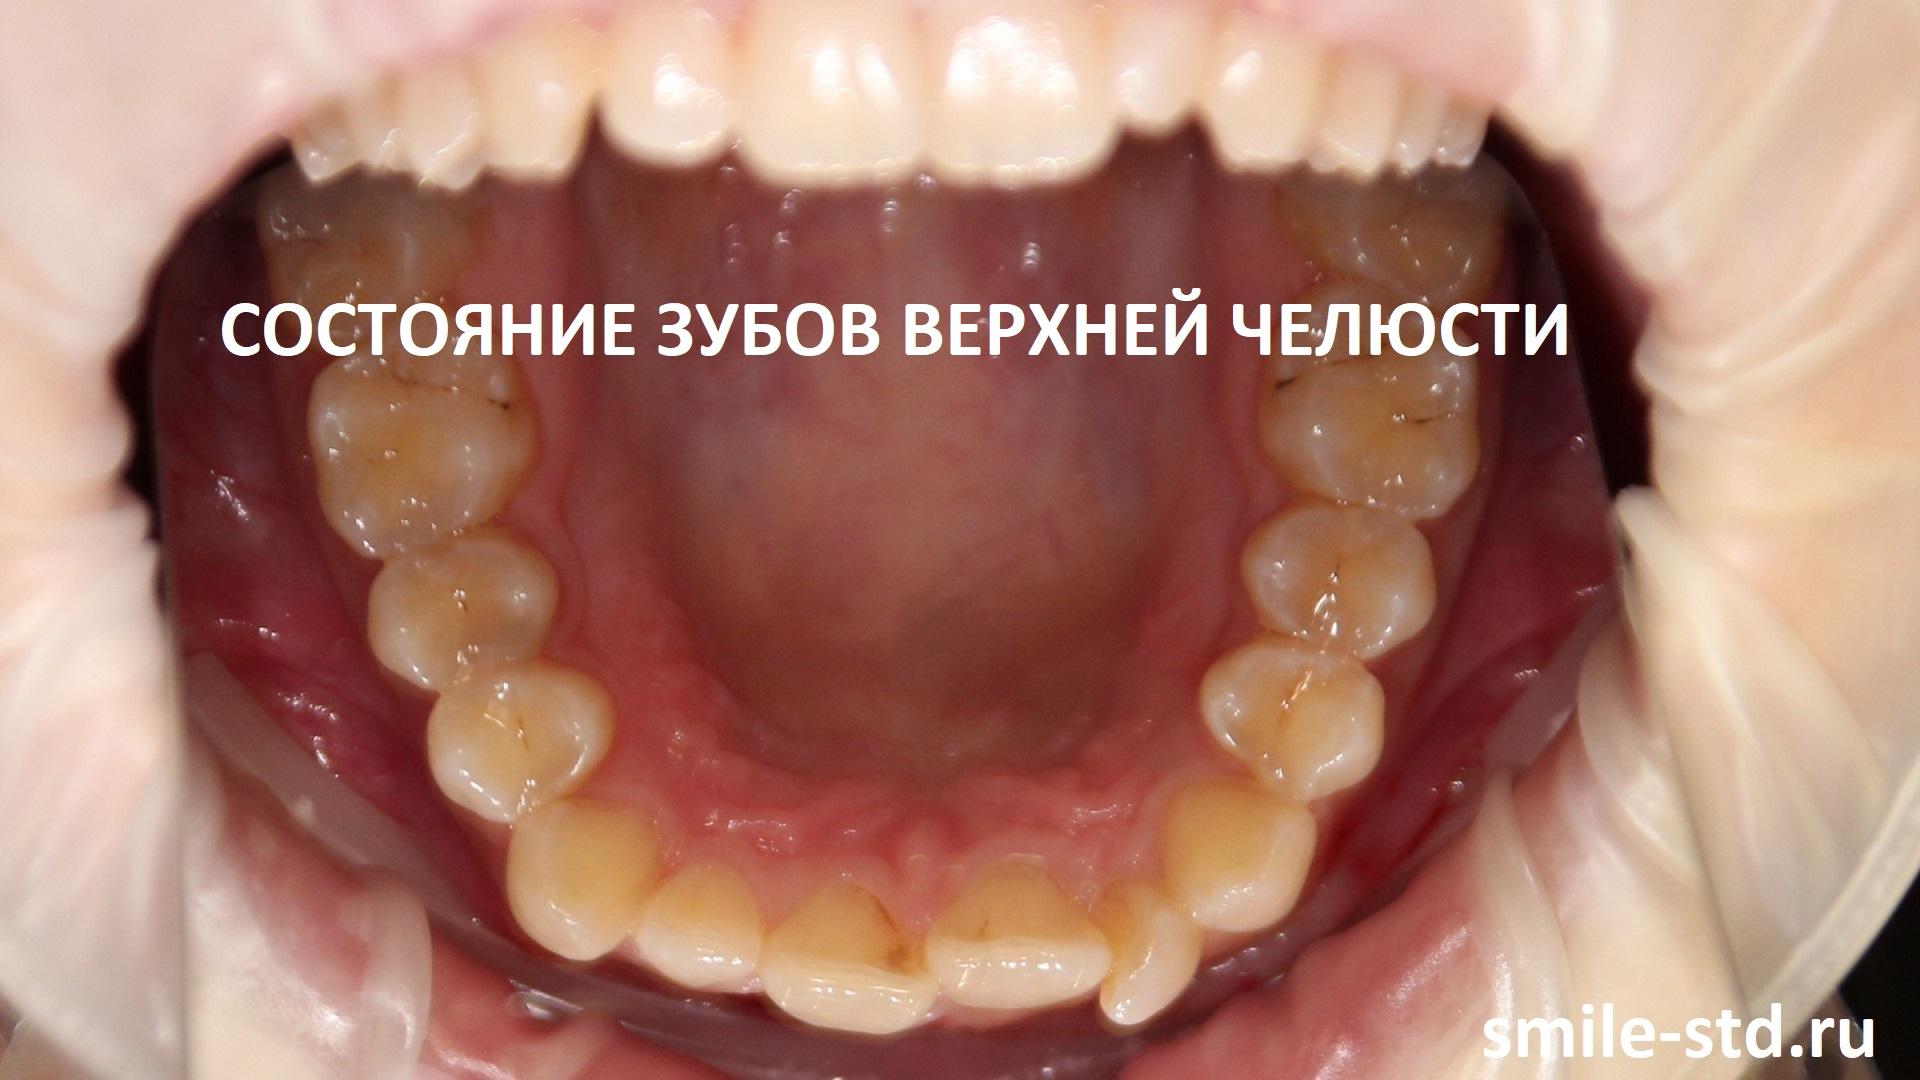 На верхней челюсти у пациентки один резец запал и кажется меньше. Пациент клиники Smile STD в Измайлово. Лечащий врач – Асоян Артак Антонович